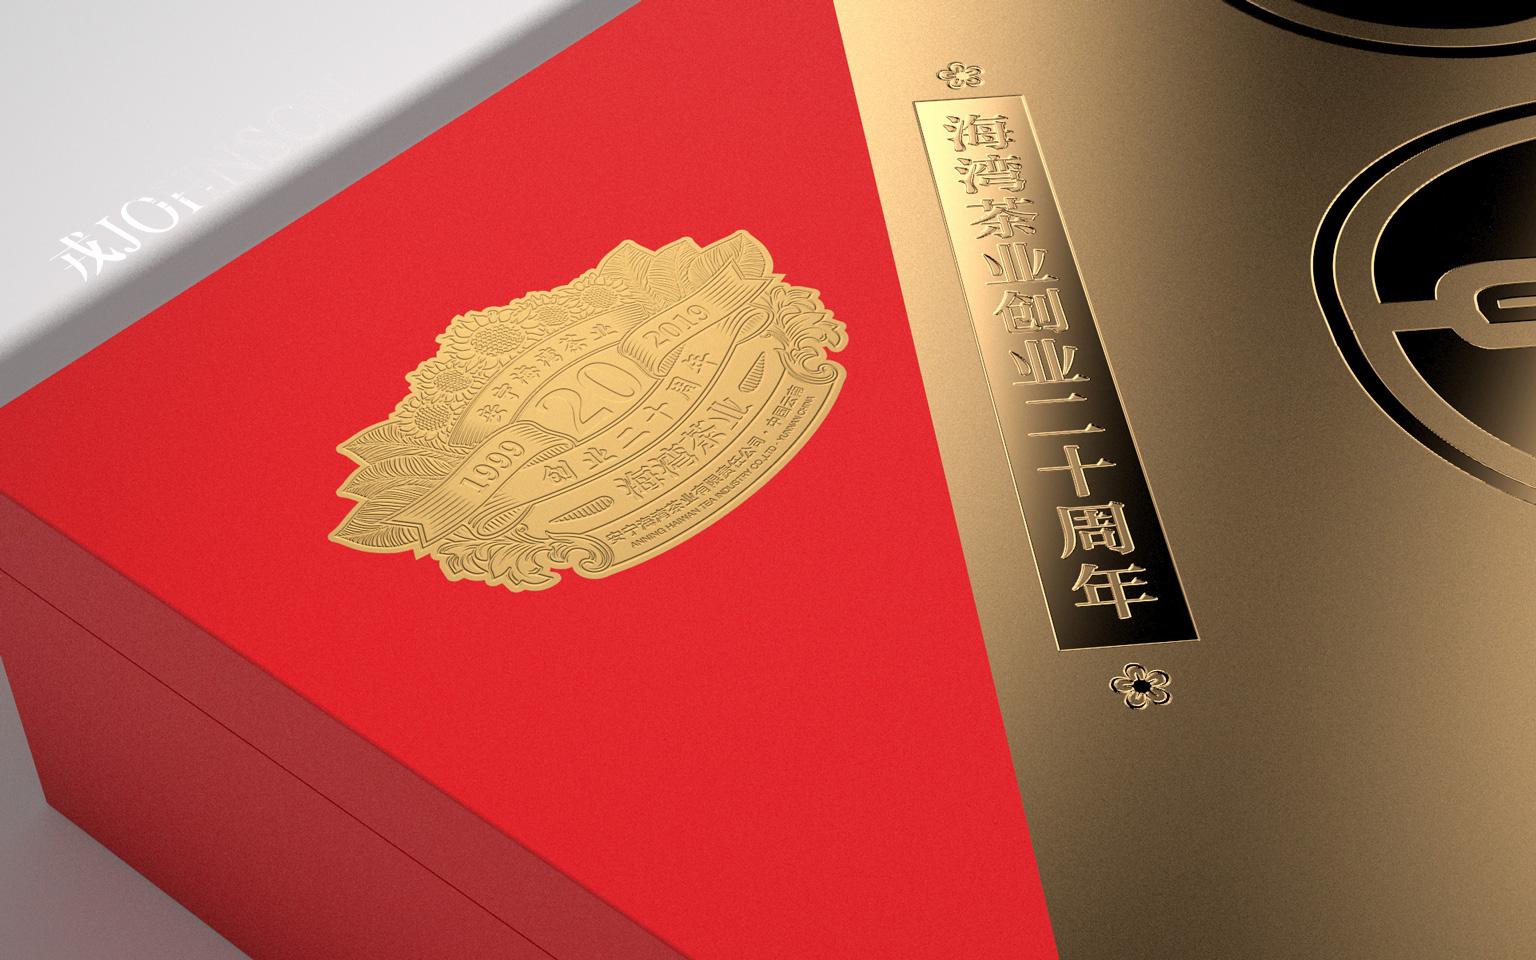 海湾创业-20周年庆